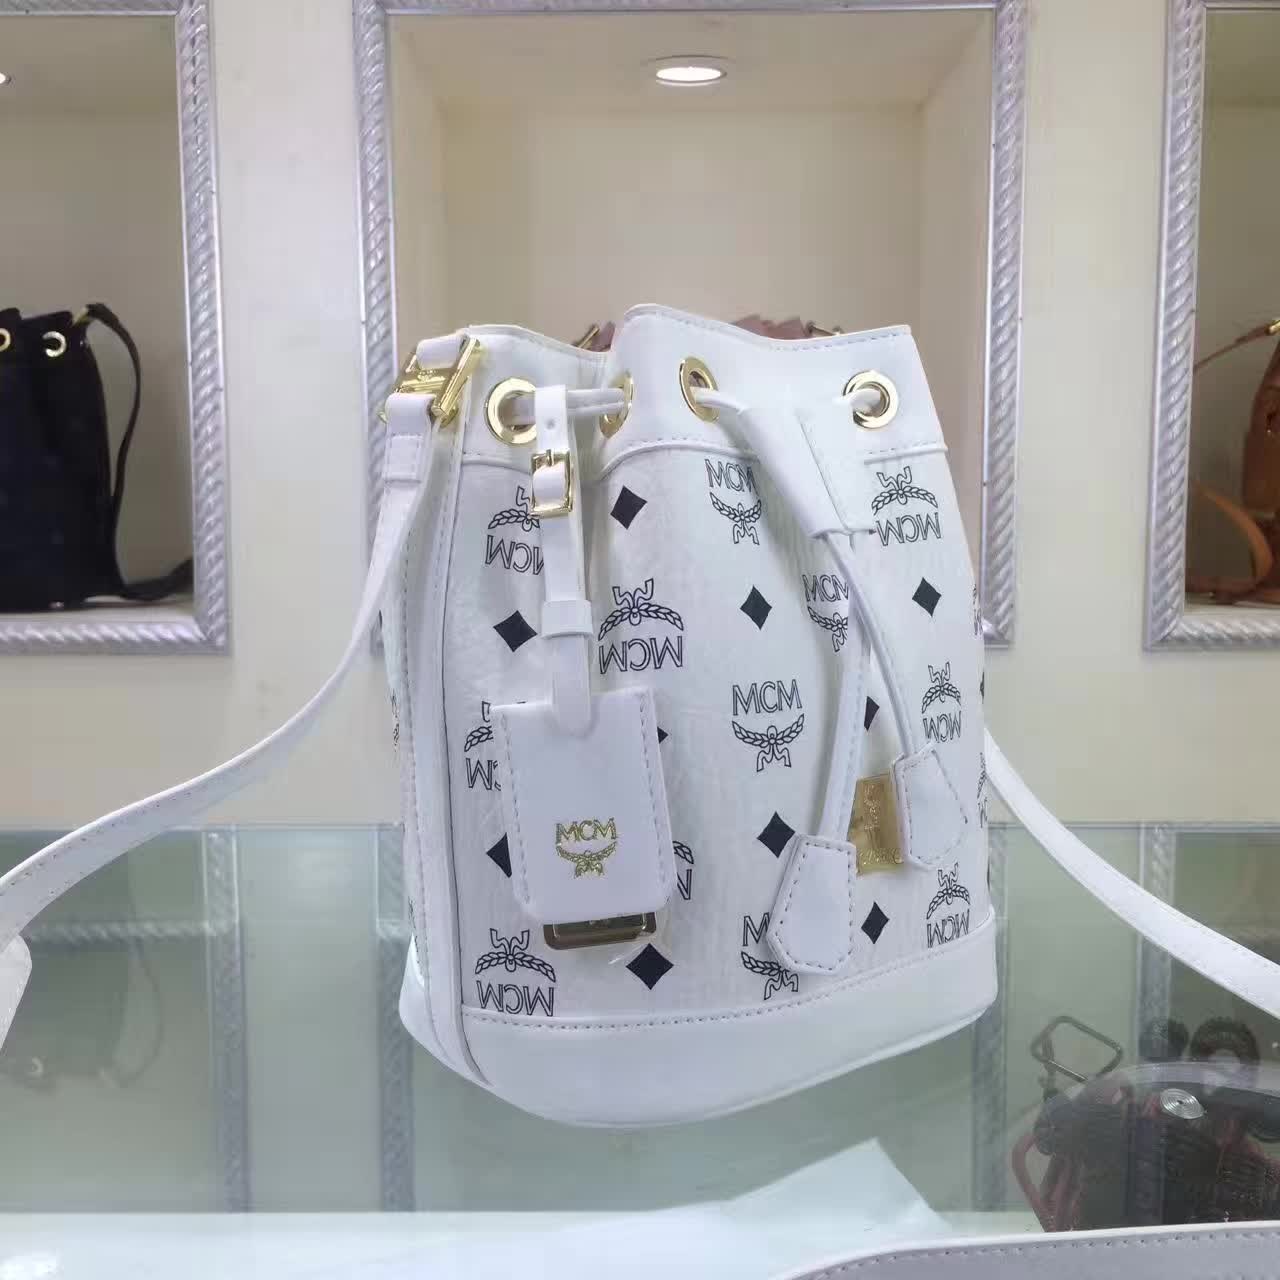 MCM2017新款 迷你单肩斜跨包水桶包 轻巧有型 时尚简约的抽绳设计 白色